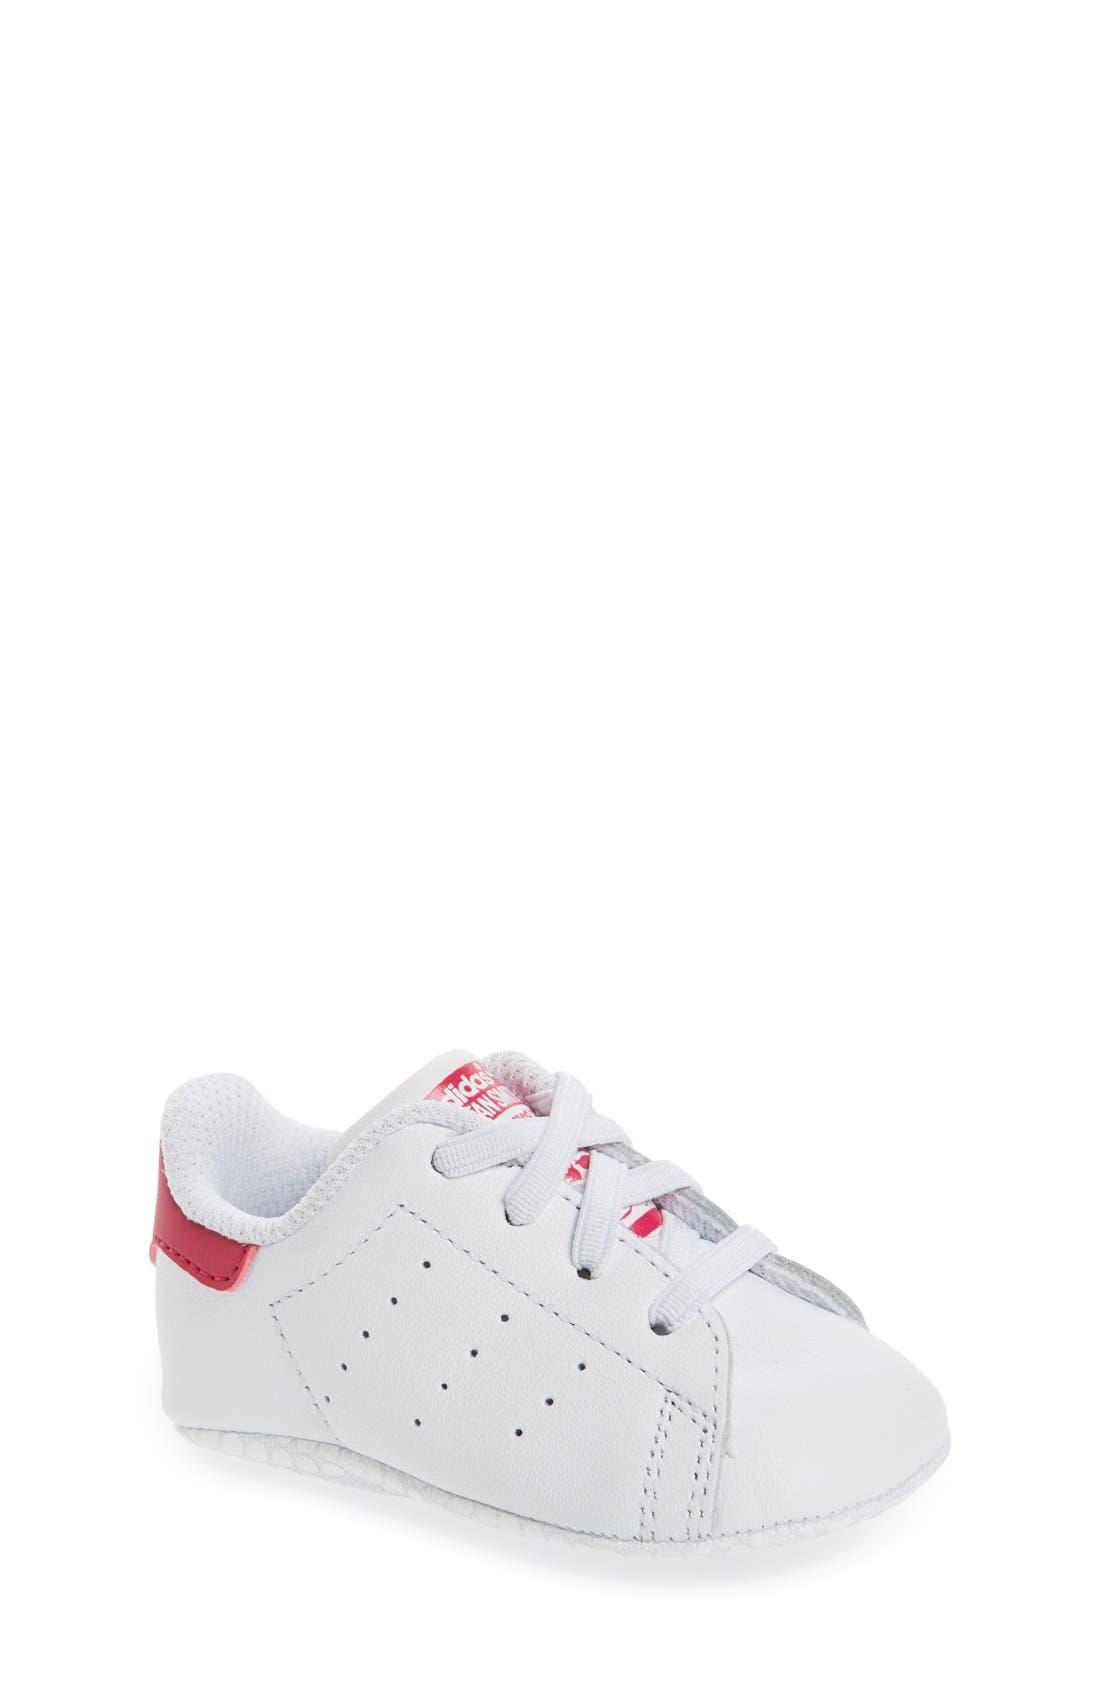 'Stan Smith' Crib Sneaker,                         Main,                         color, 100